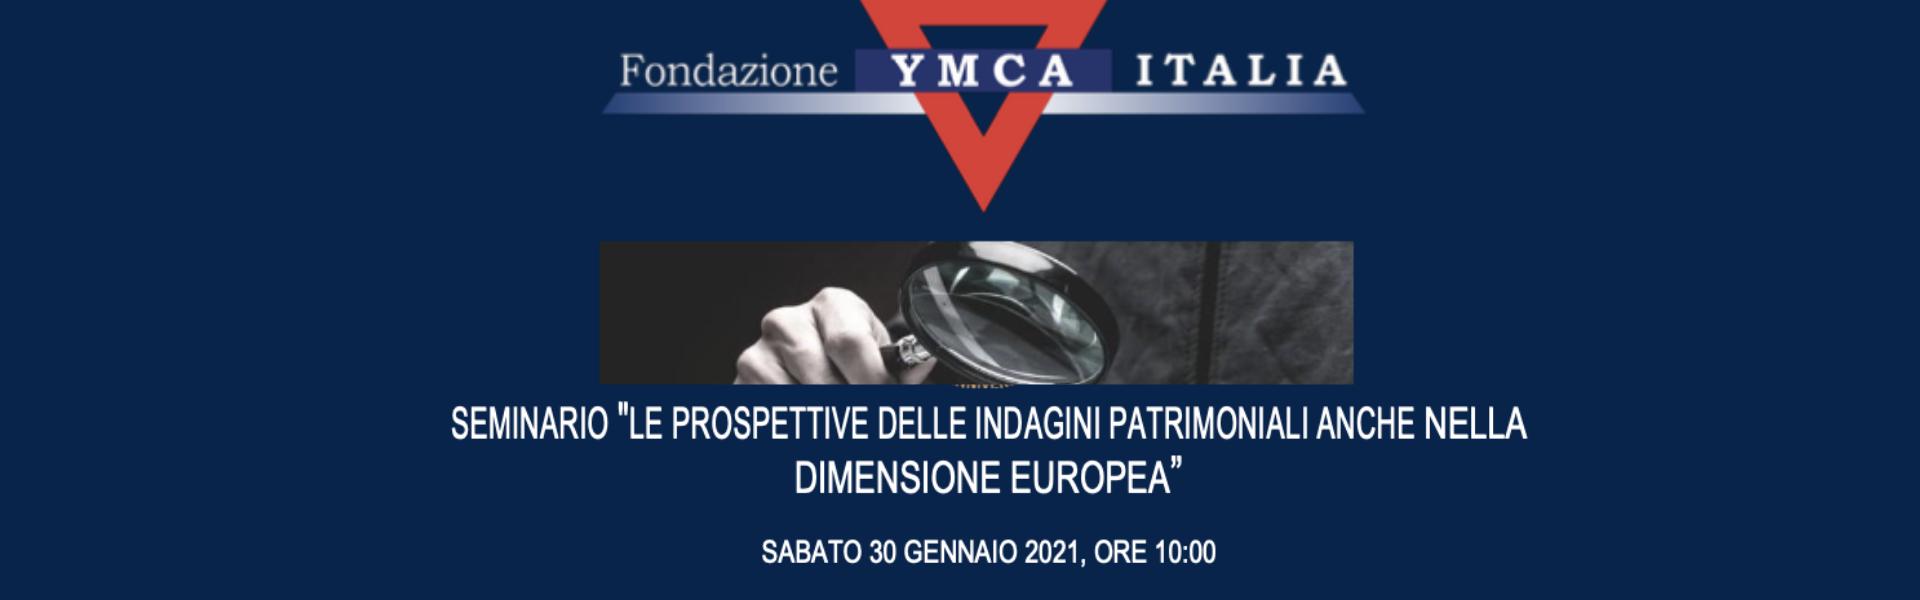 """Sabato alle 10 in diretta seminario YMCA: """"Prevenzione e lotta alla criminalità ambientale"""""""